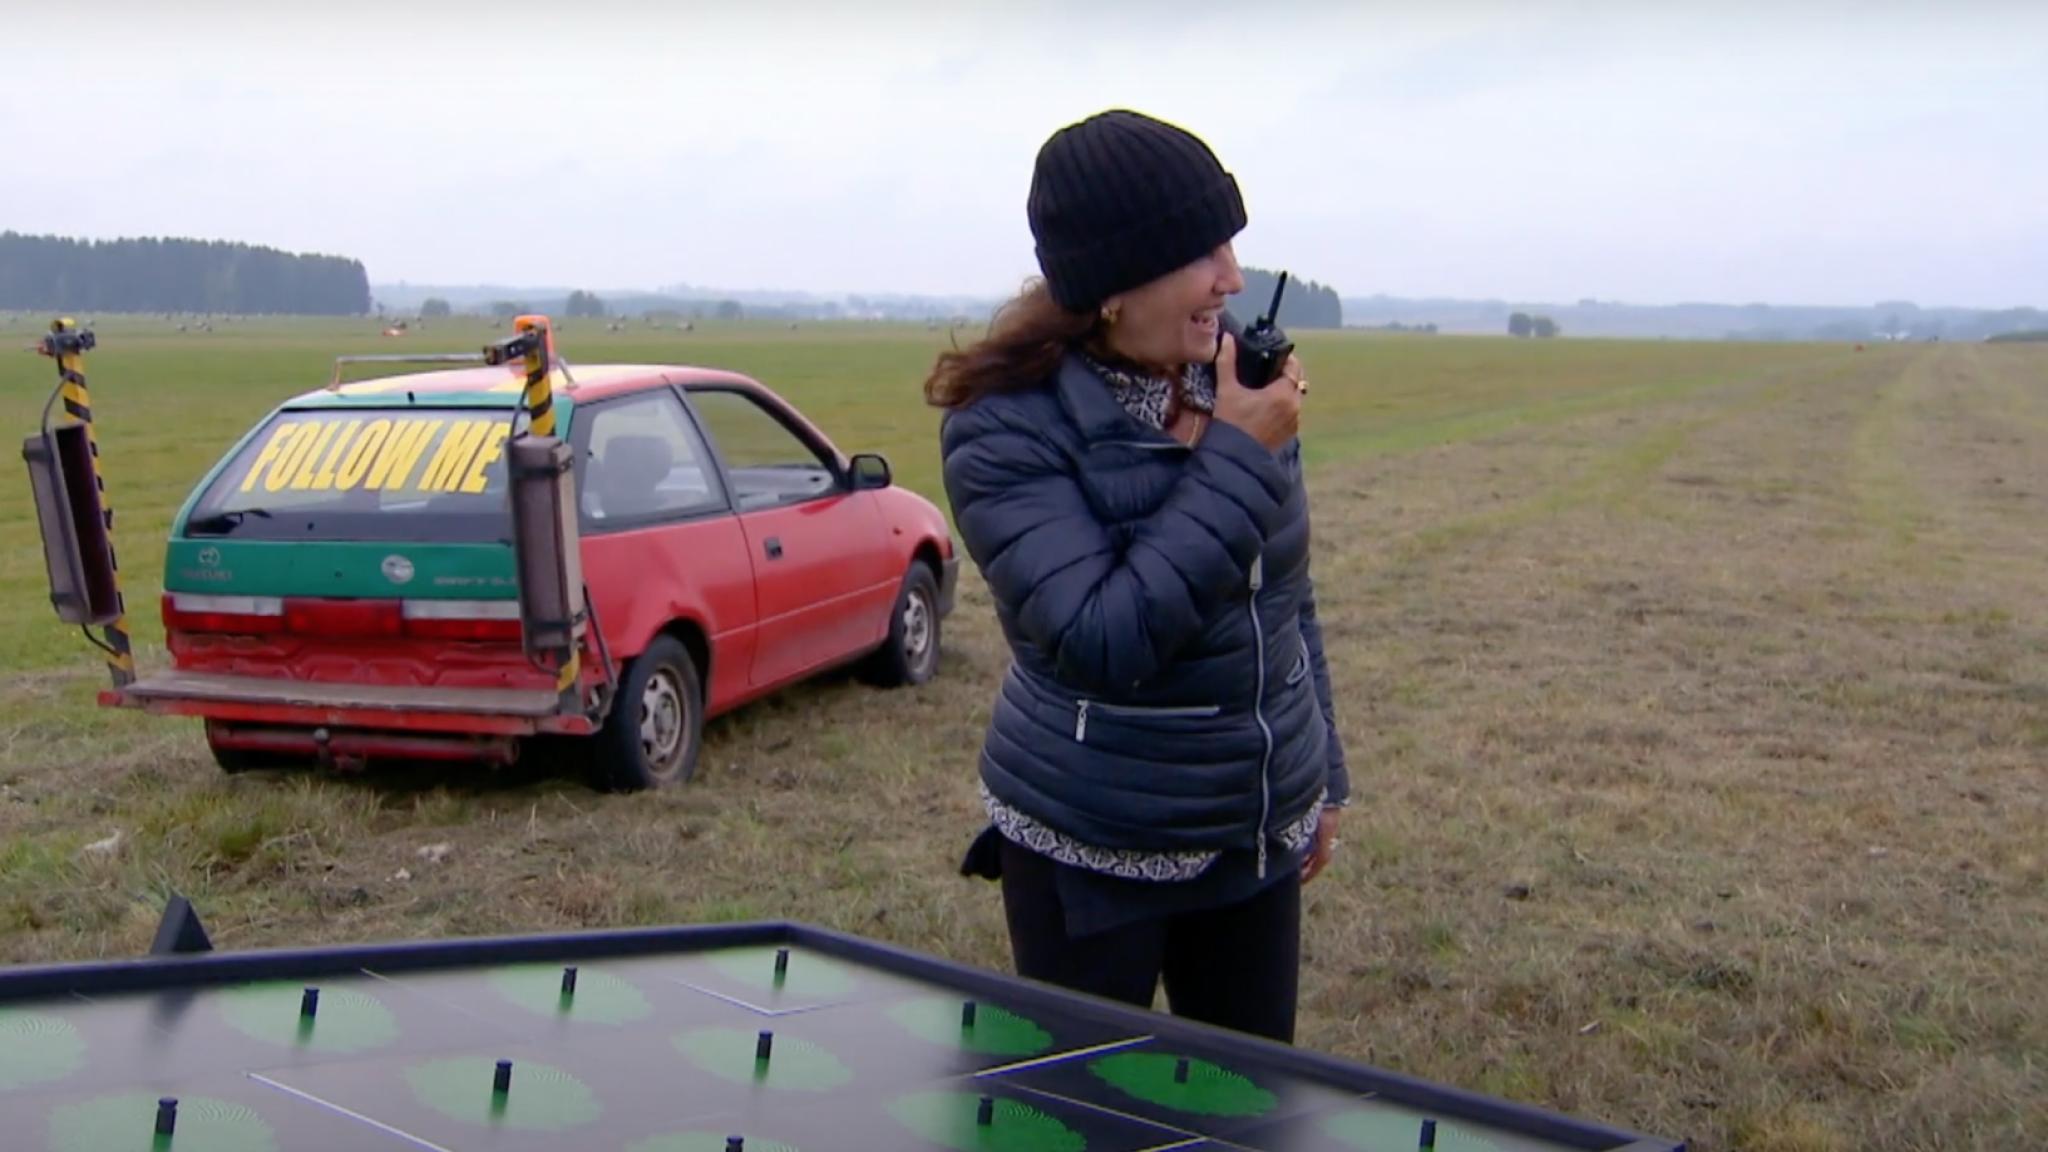 Zet Renée in WIDM de rest voor joker met deze opvallende actie? - RTL Boulevard